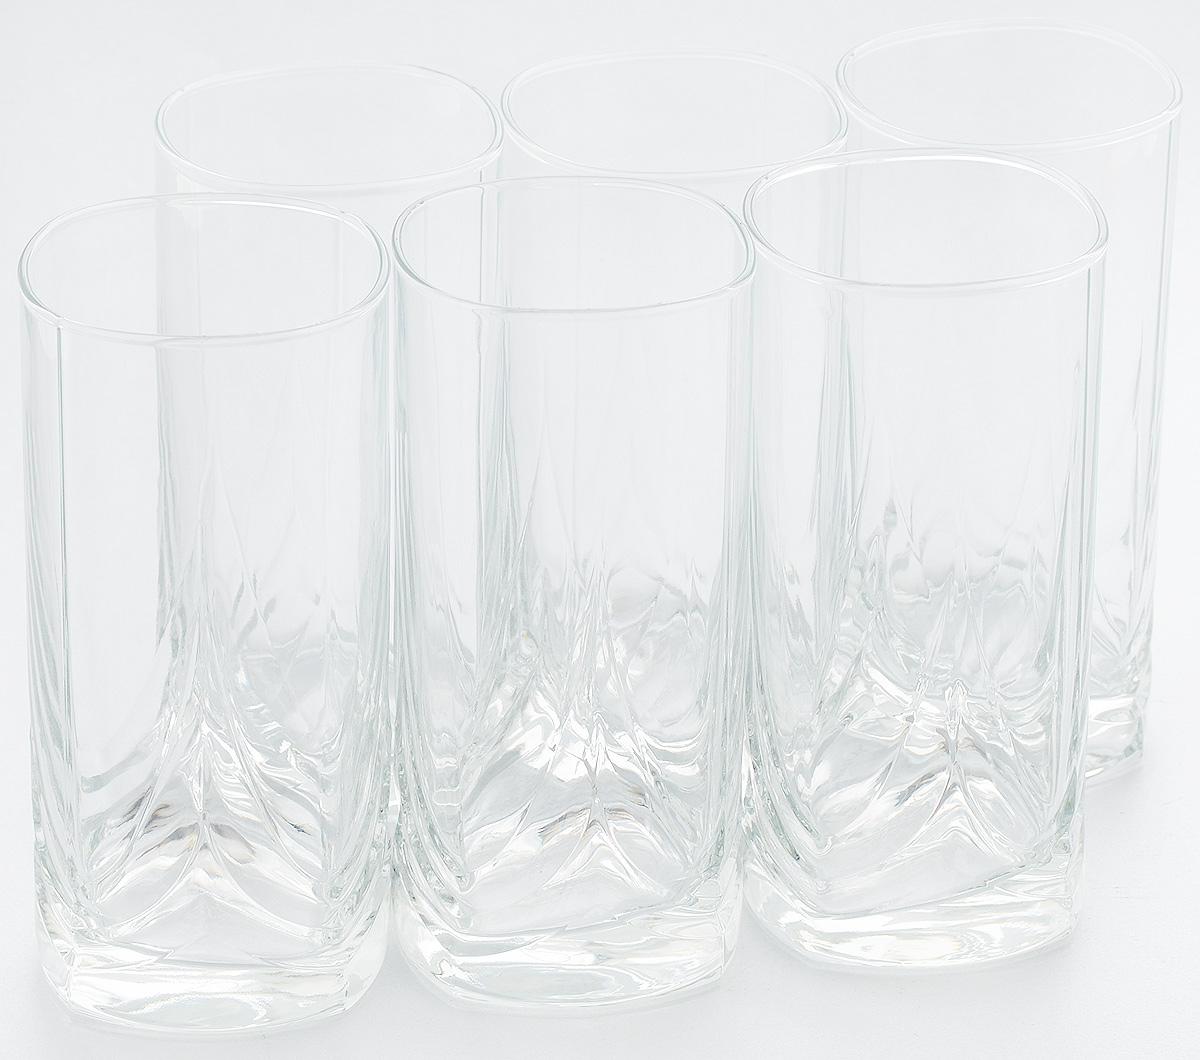 Набор стаканов для коктейлей Pasabahce Triumph, 300 мл, 6 шт41630/Набор стаканов для коктейля 6 шт V=300 мл